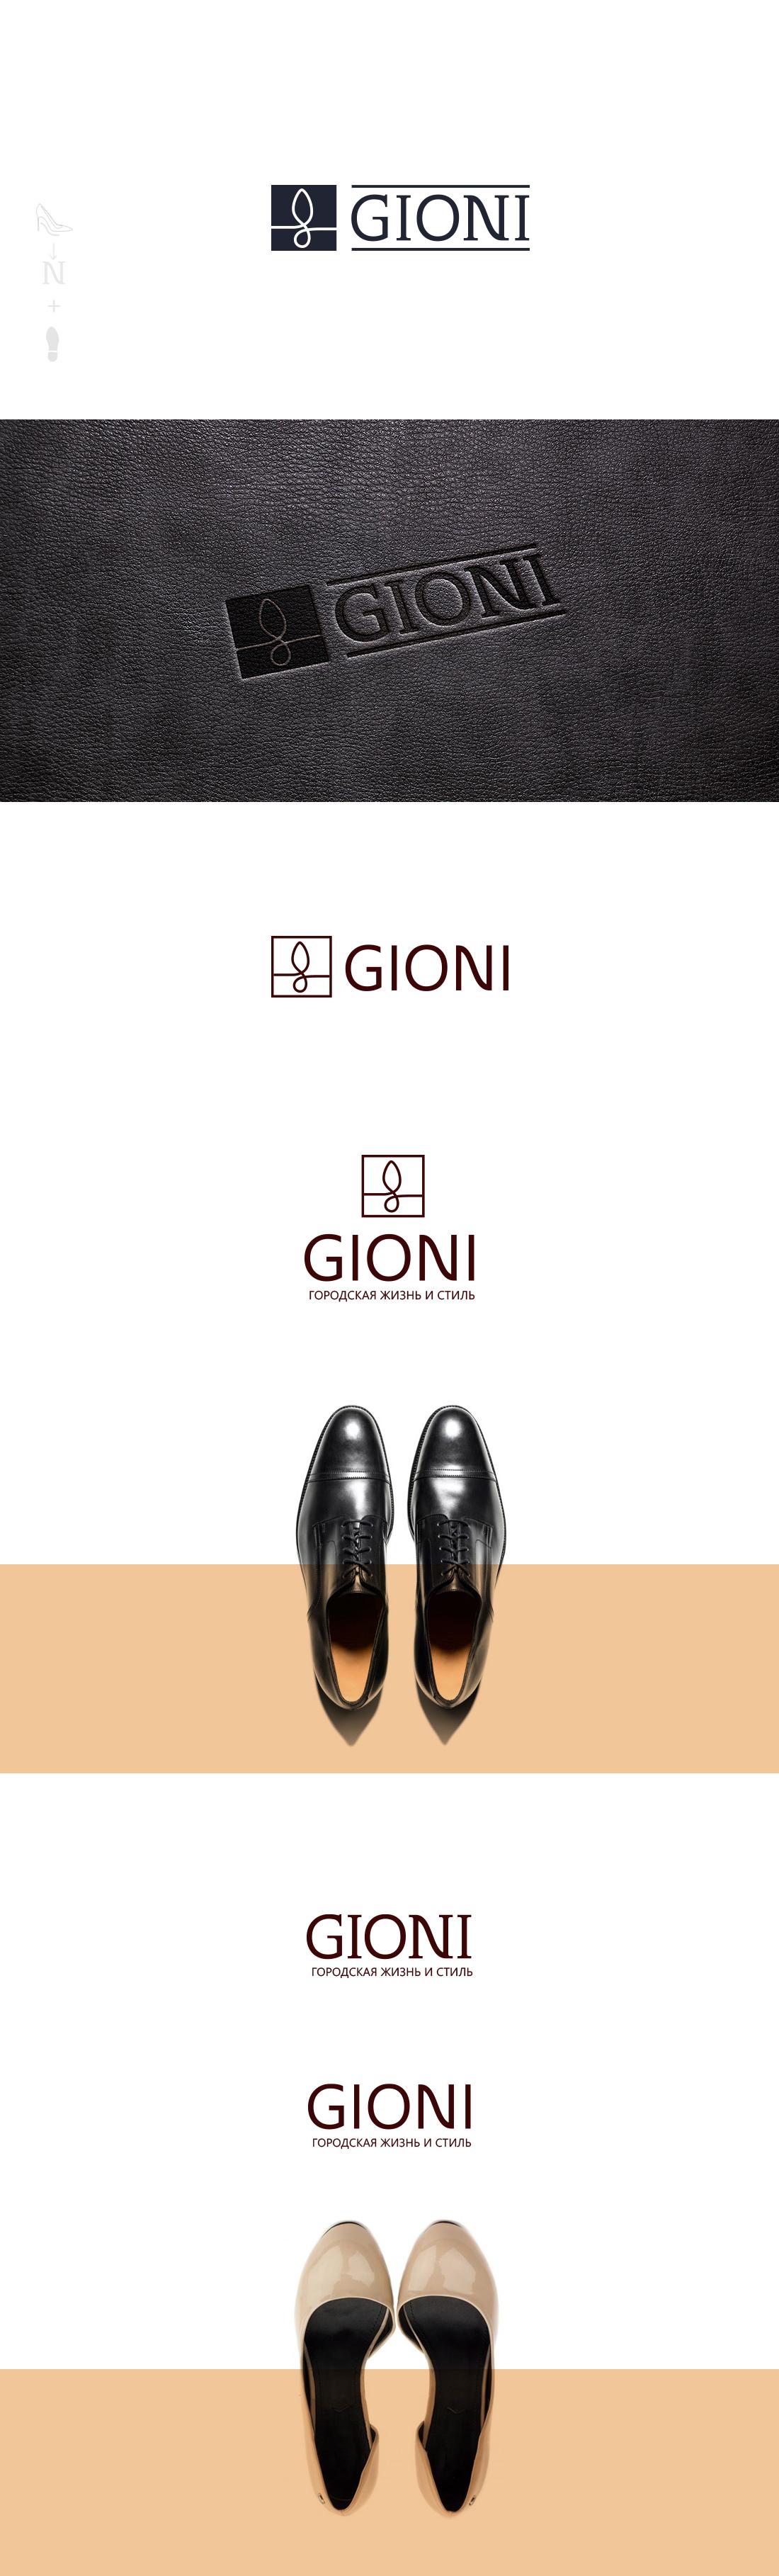 Gioni – фабрика кожаной обуви